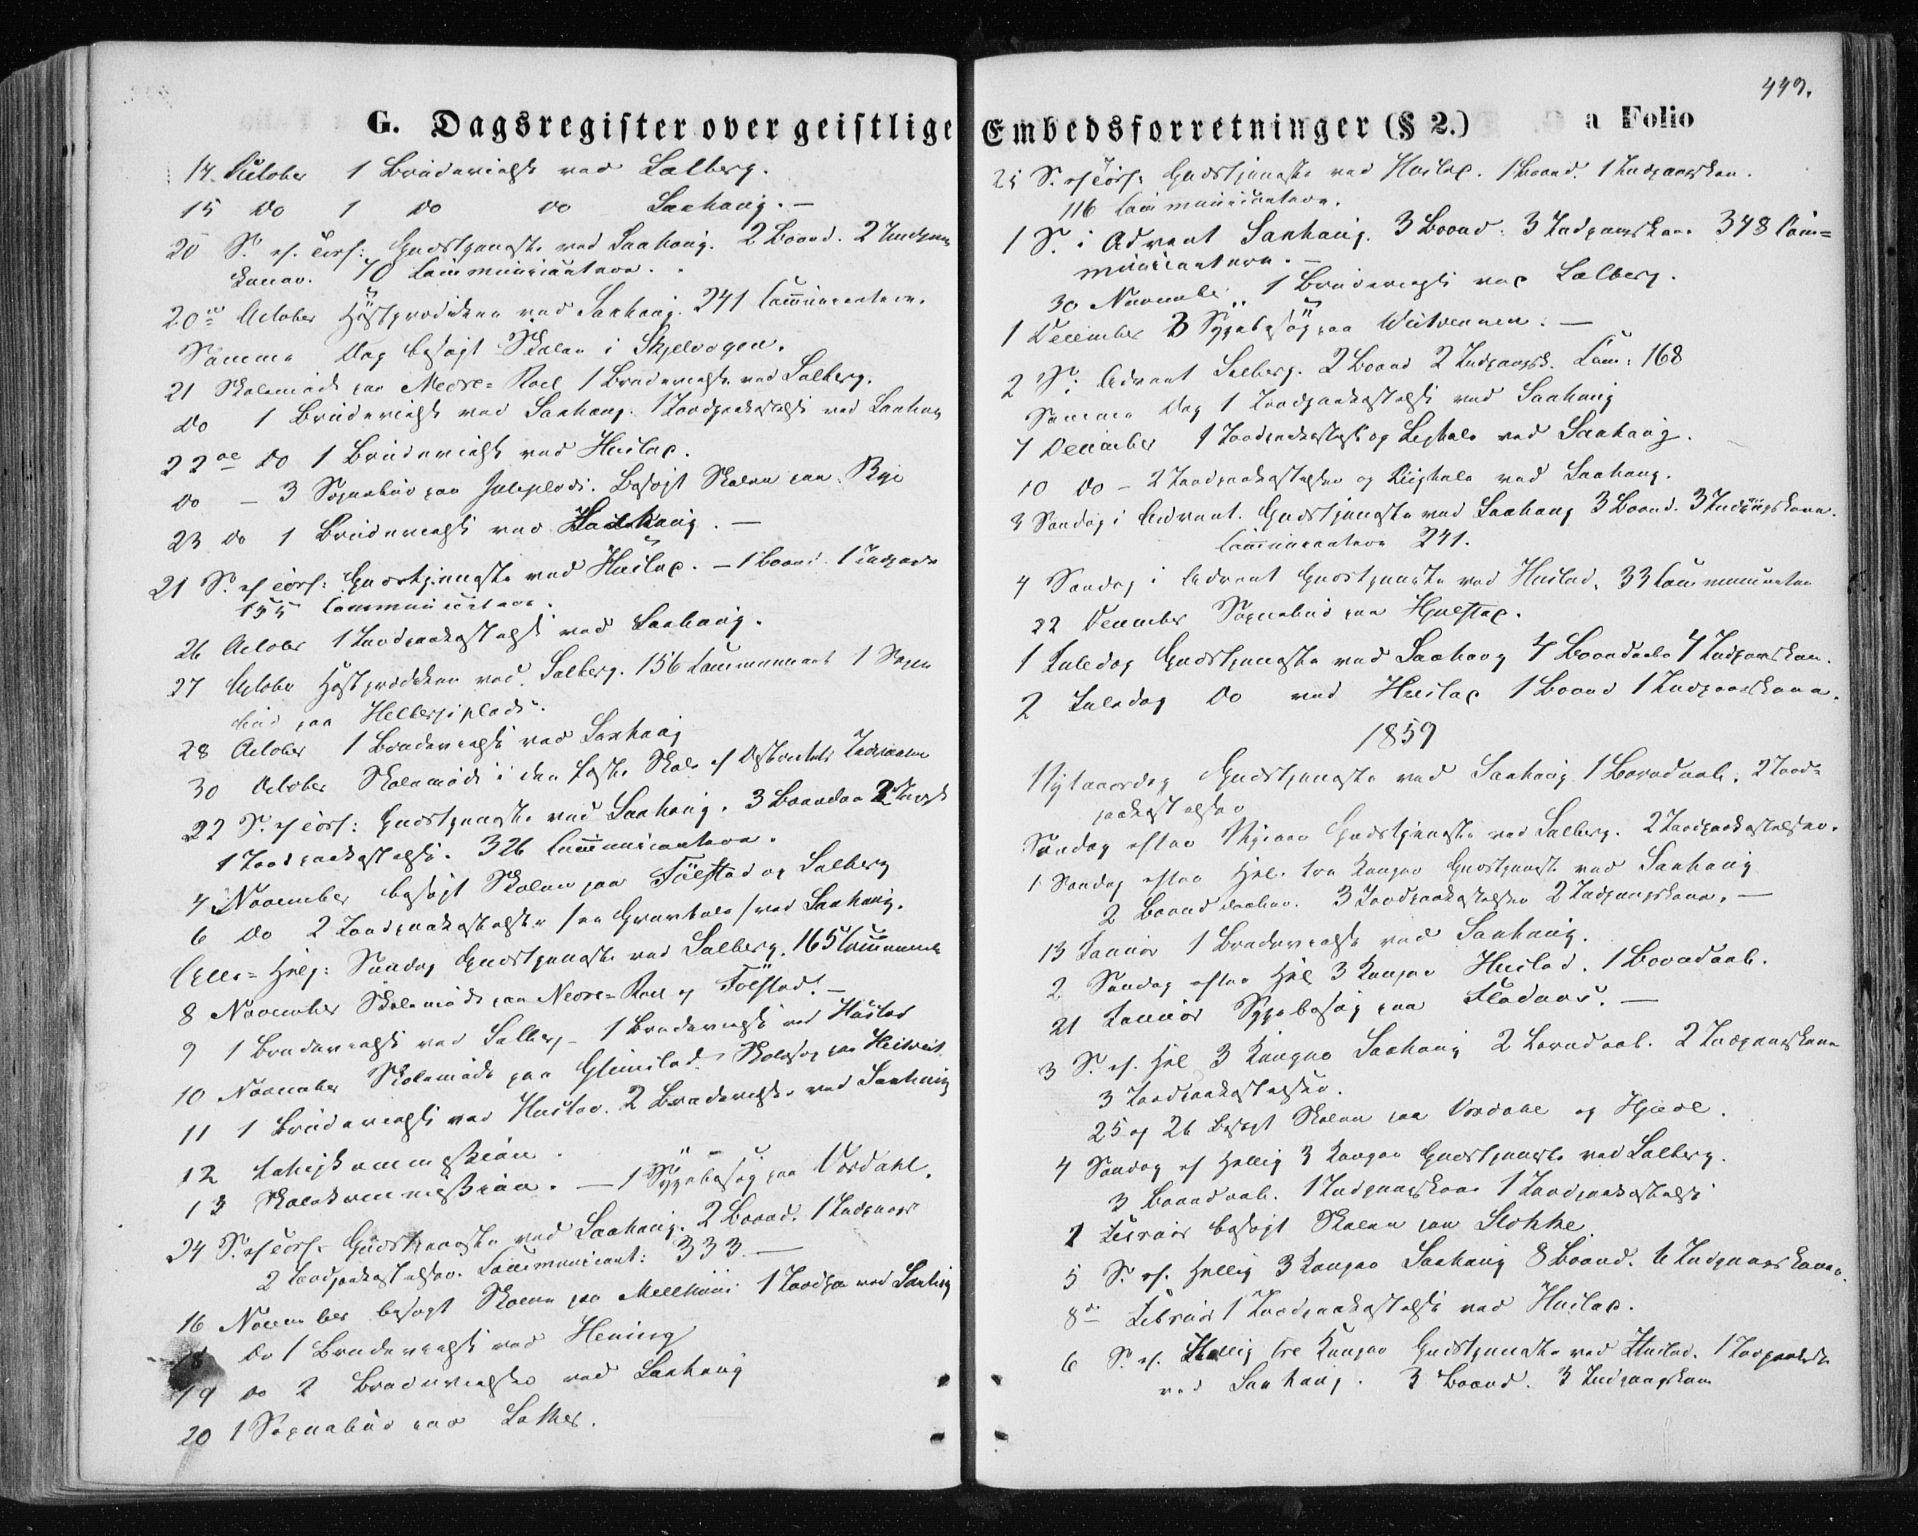 SAT, Ministerialprotokoller, klokkerbøker og fødselsregistre - Nord-Trøndelag, 730/L0283: Ministerialbok nr. 730A08, 1855-1865, s. 449